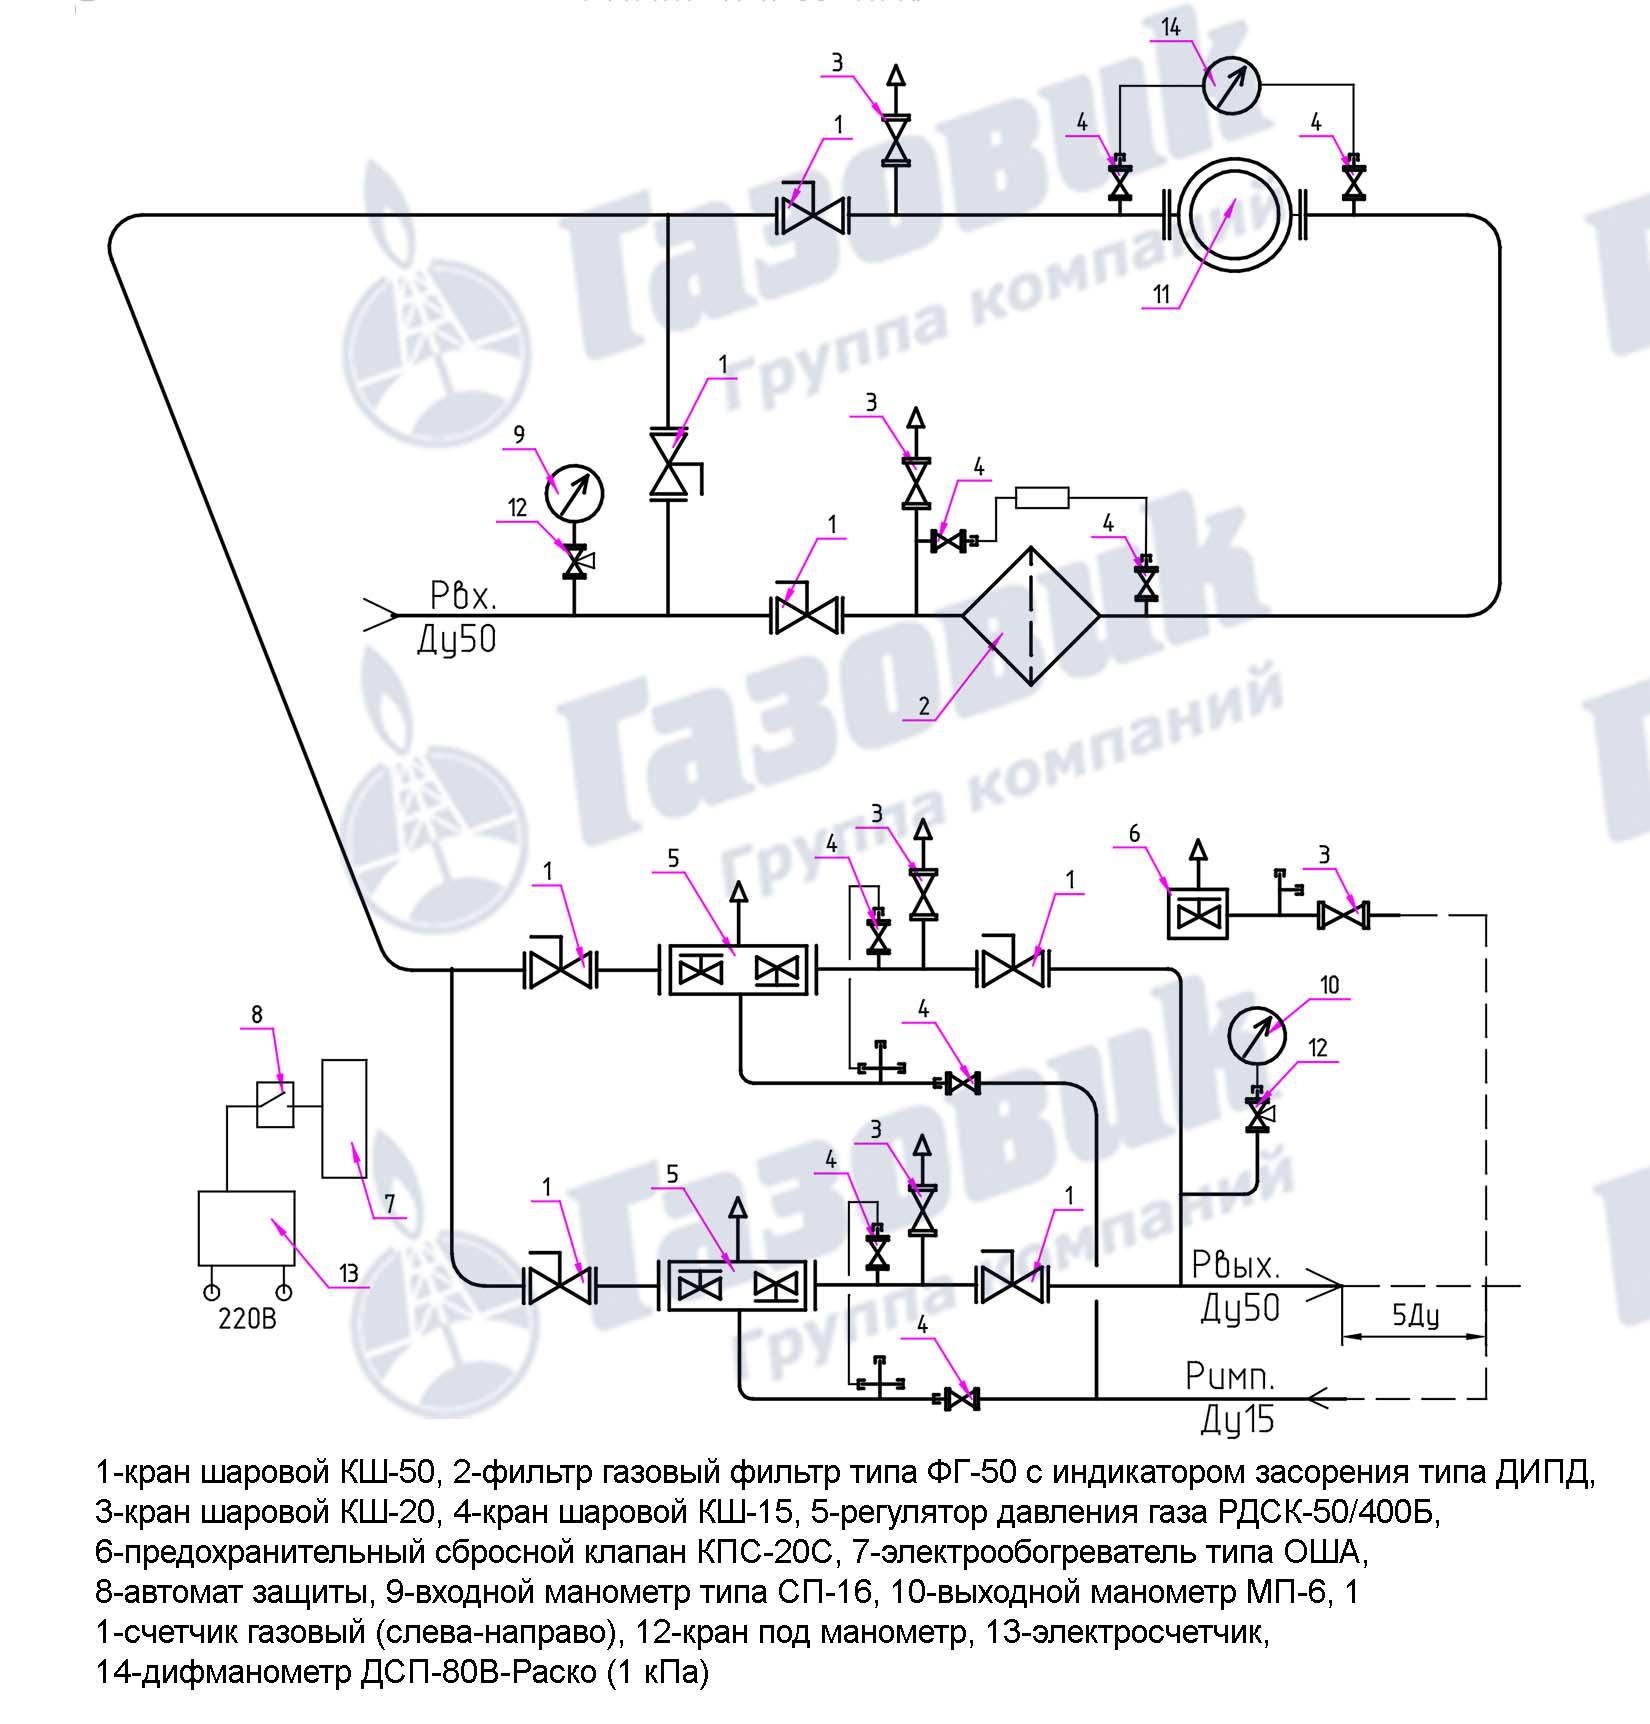 ГРУ-03М-У1-ЭК с регулятором РДСК-50М и измерительным комплексом СГ-ЭКВз